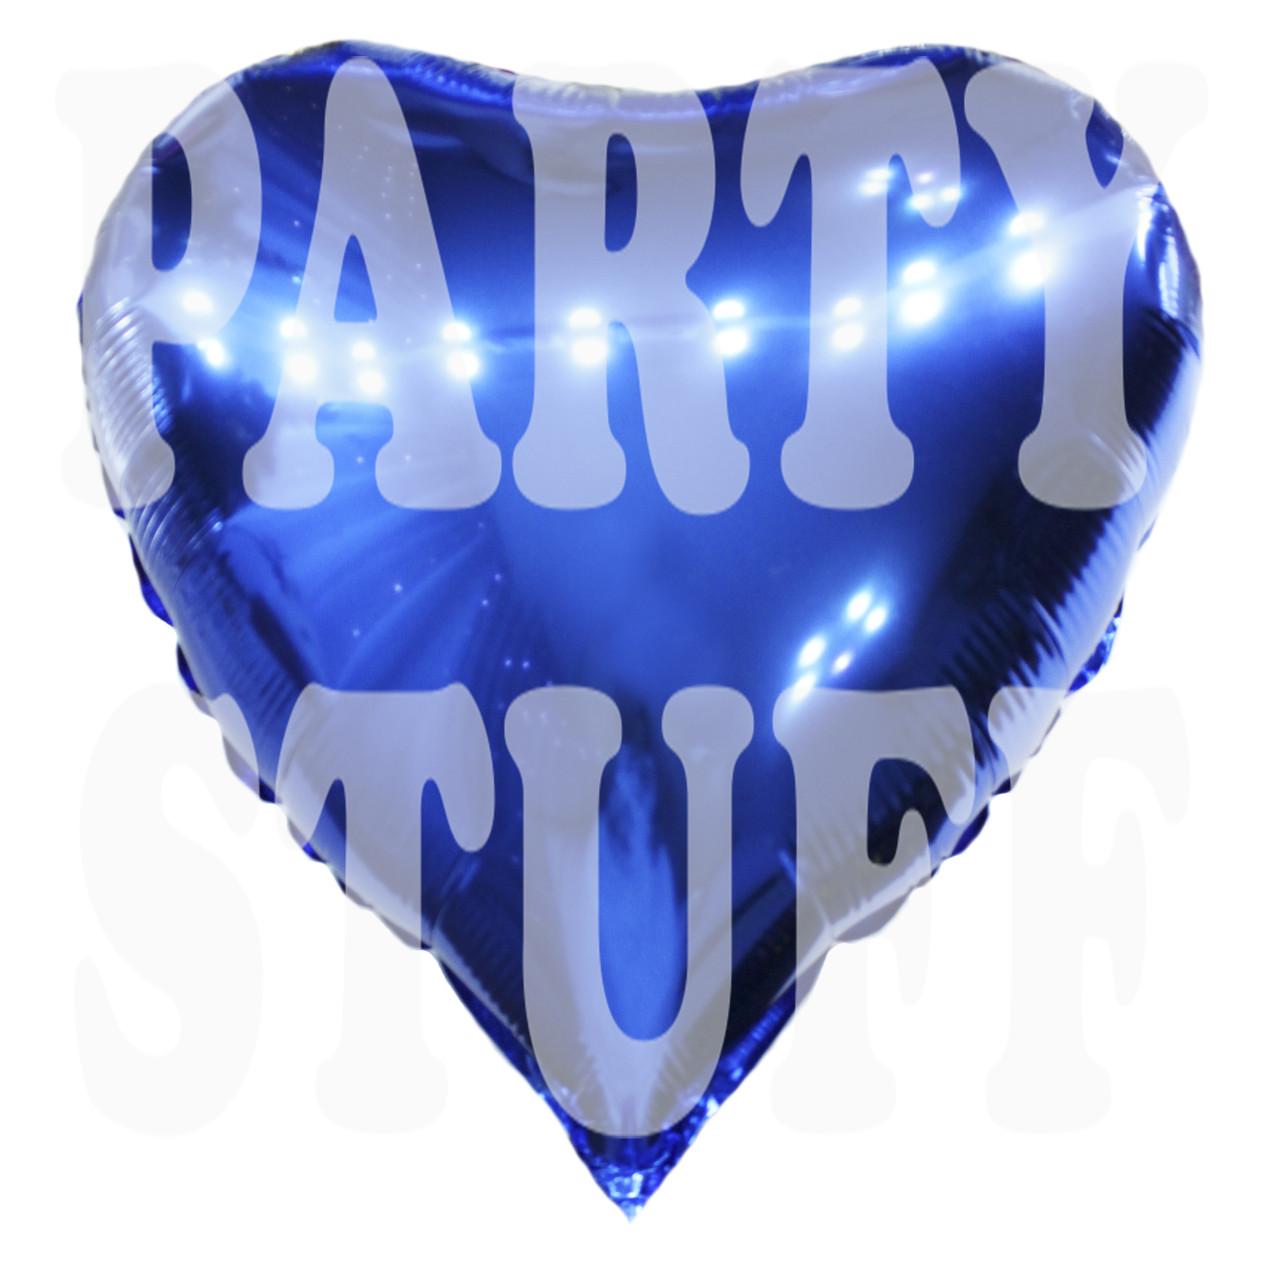 Фольгированный шар Сердце синий, 44*45 см